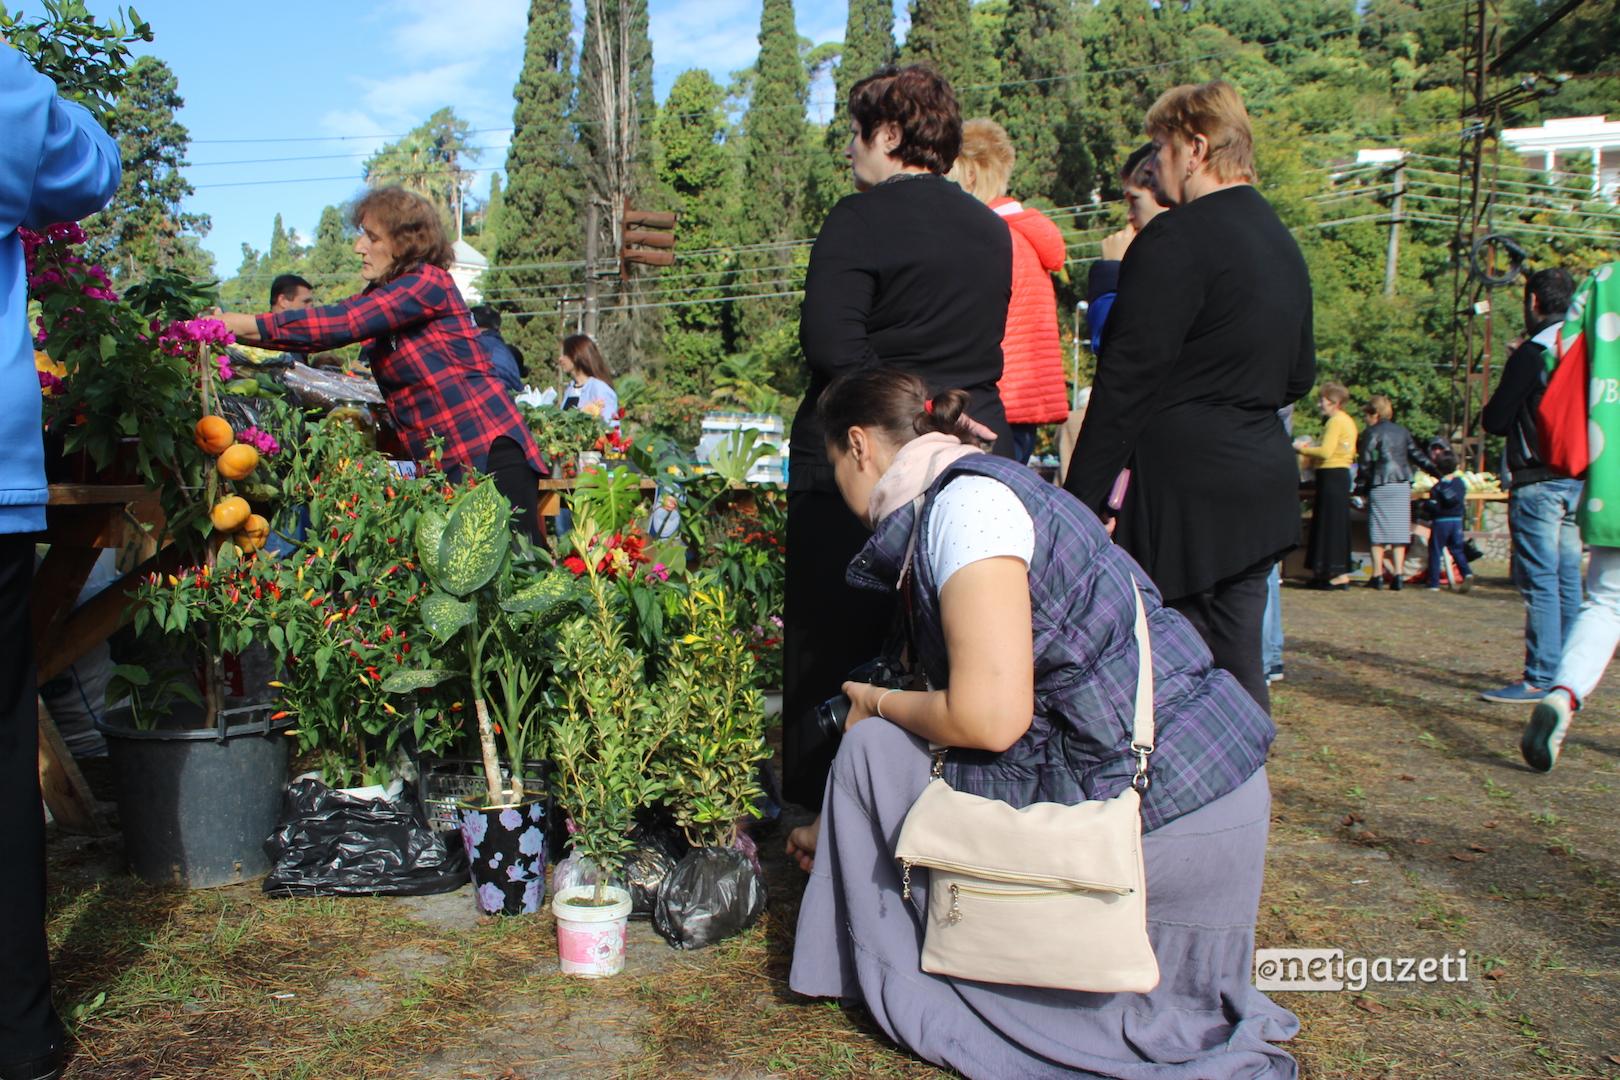 სასოფლო სამეურნეო ბაზრობა სოხუმში; 2016 წლის 15 ოქტომბერი; ფოტო: მარიანა კოტოვა/ნეტგაზეთი